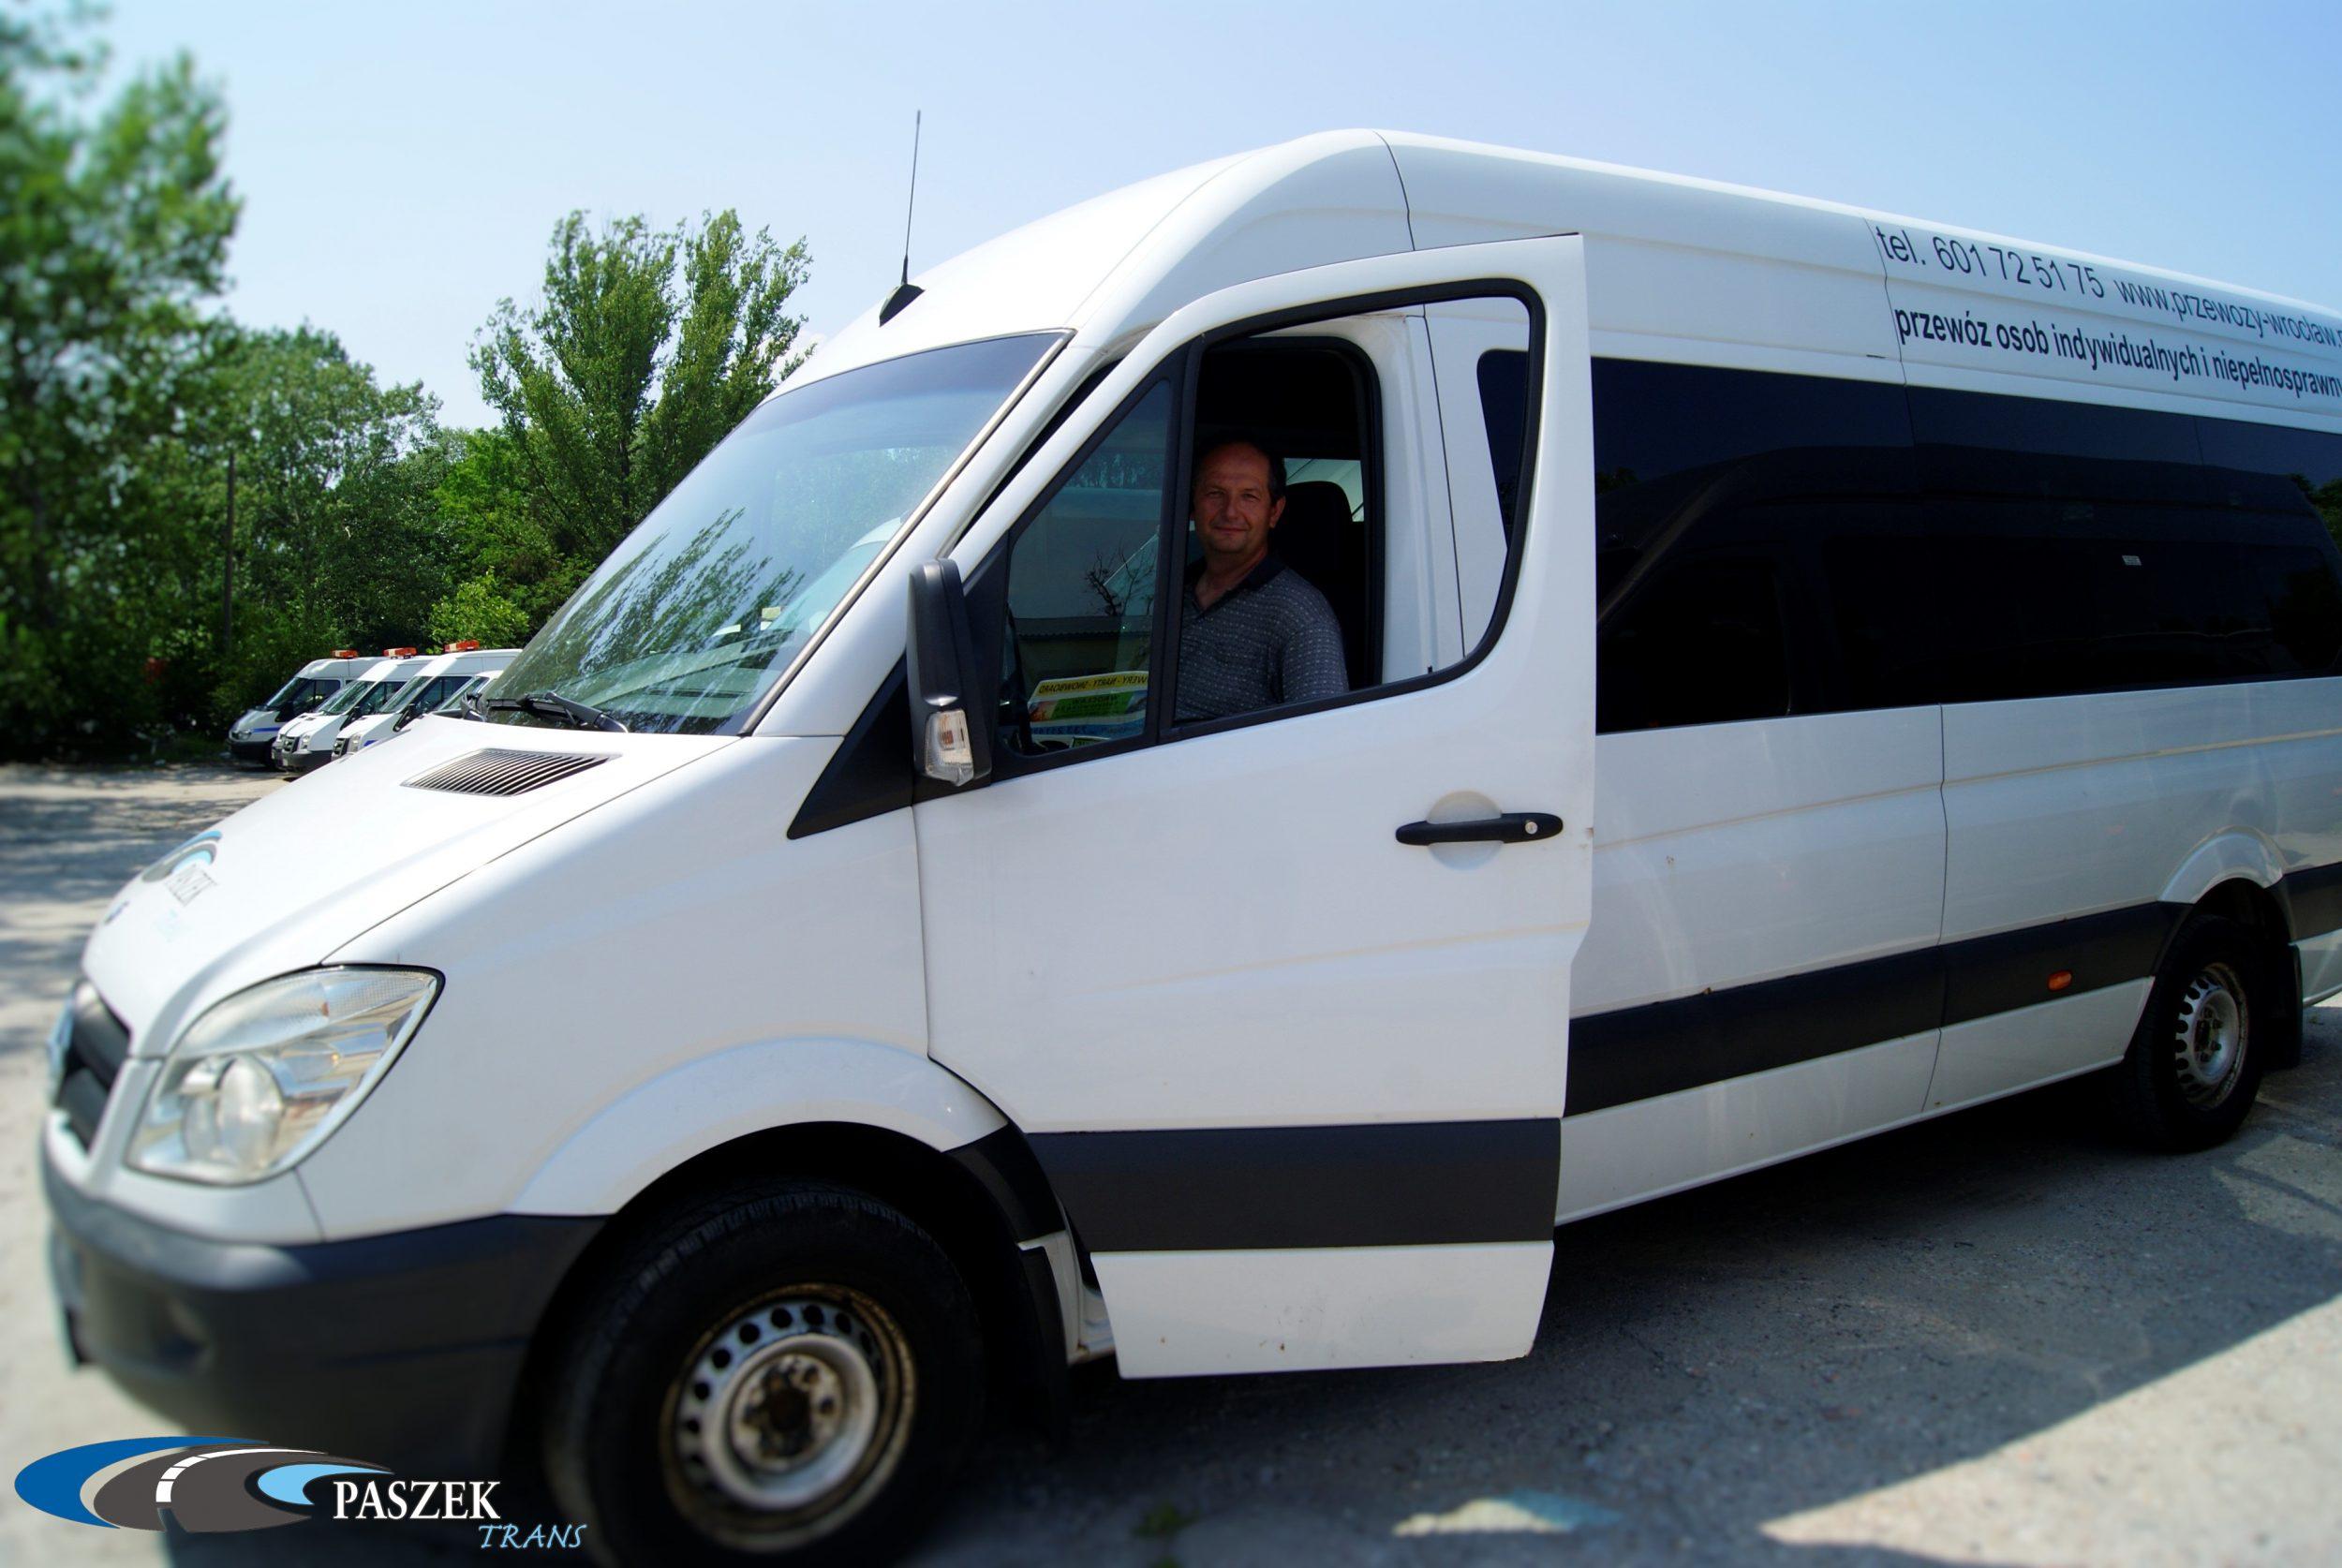 doświadczeni kierowcy, szybki transport, bezpieczny przewóz samochody dostosowane do przewozu osób niepełnosprawnych, przewóz osób